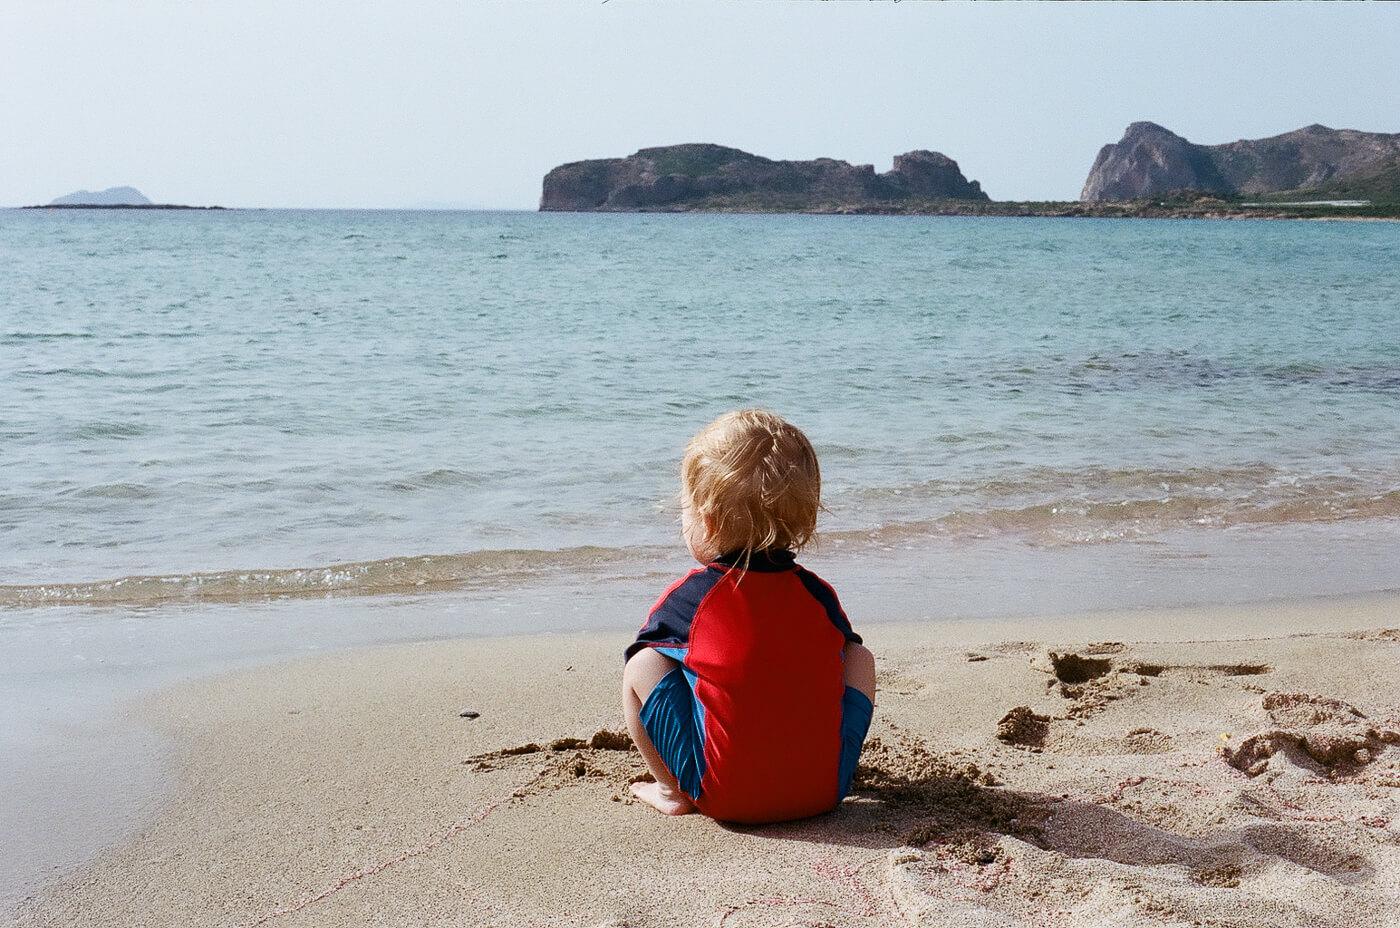 Greece Beach-3@2x.jpg